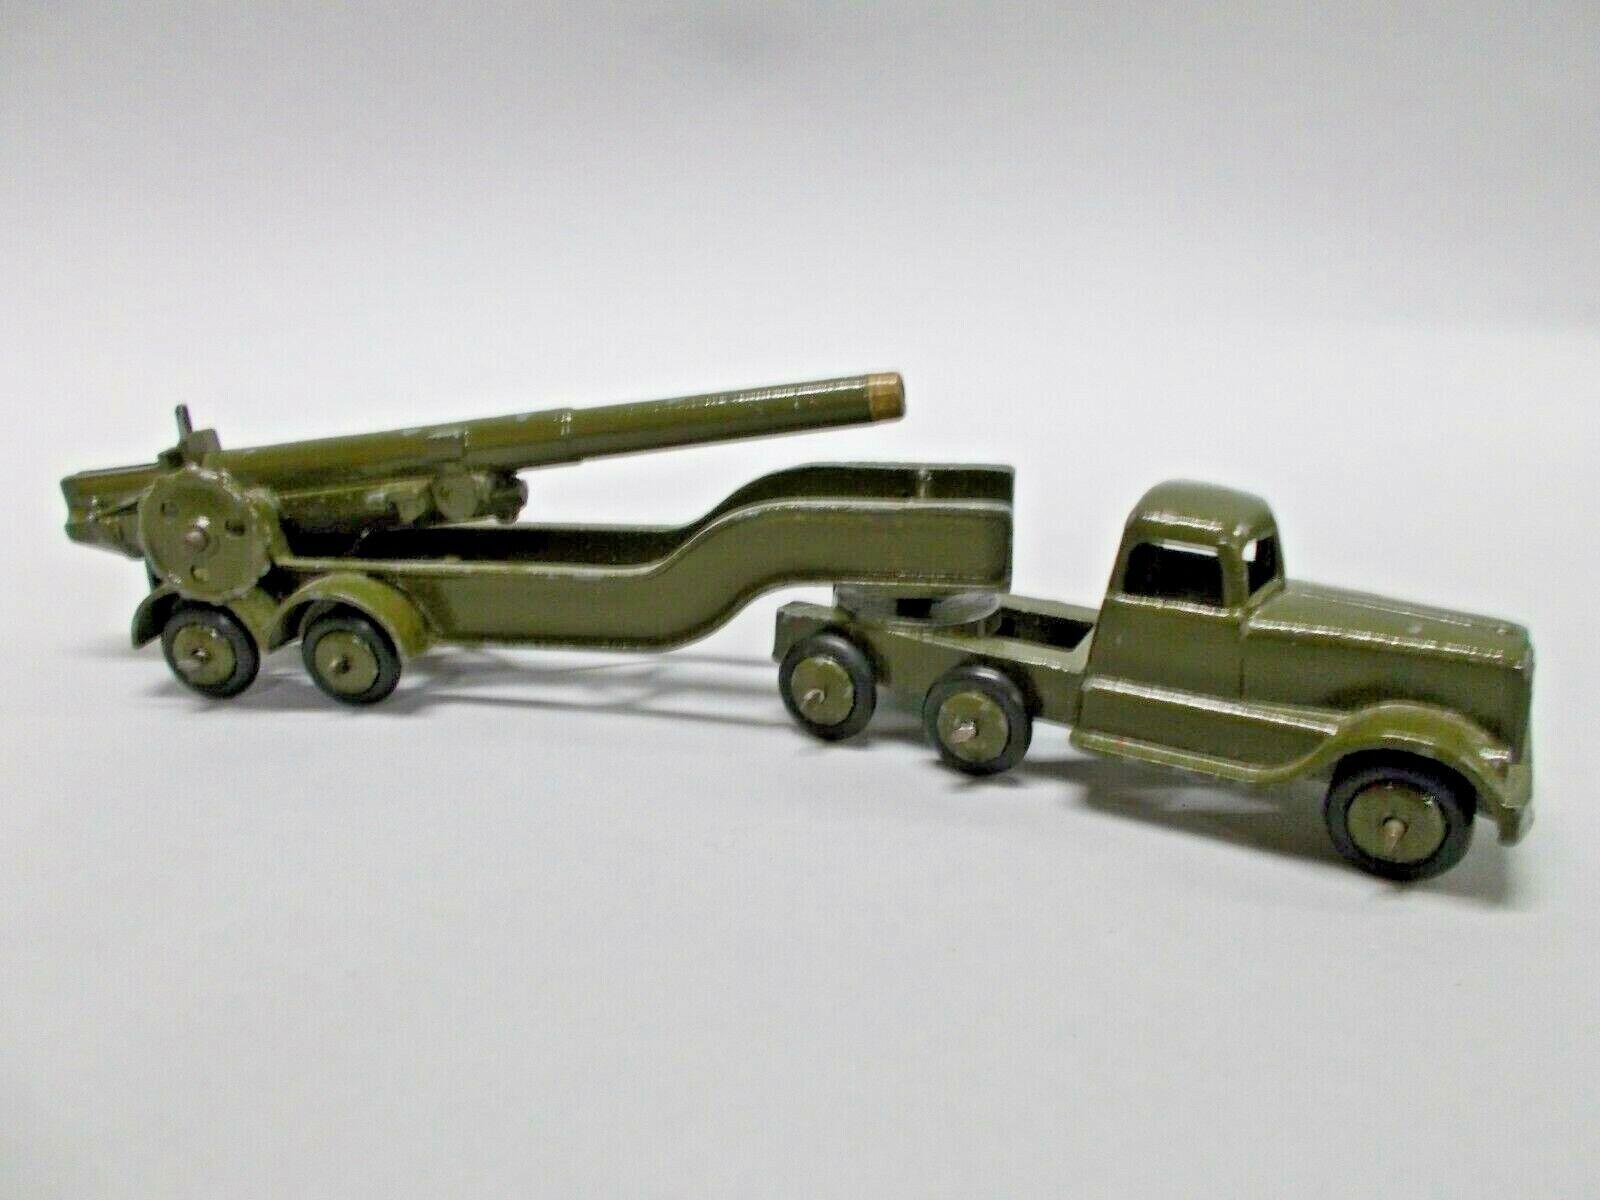 CRESCENT TOYS articulated Lorry Mounted Anti Aircraft  Gun circa 1950 Excellent  choisissez votre préférée